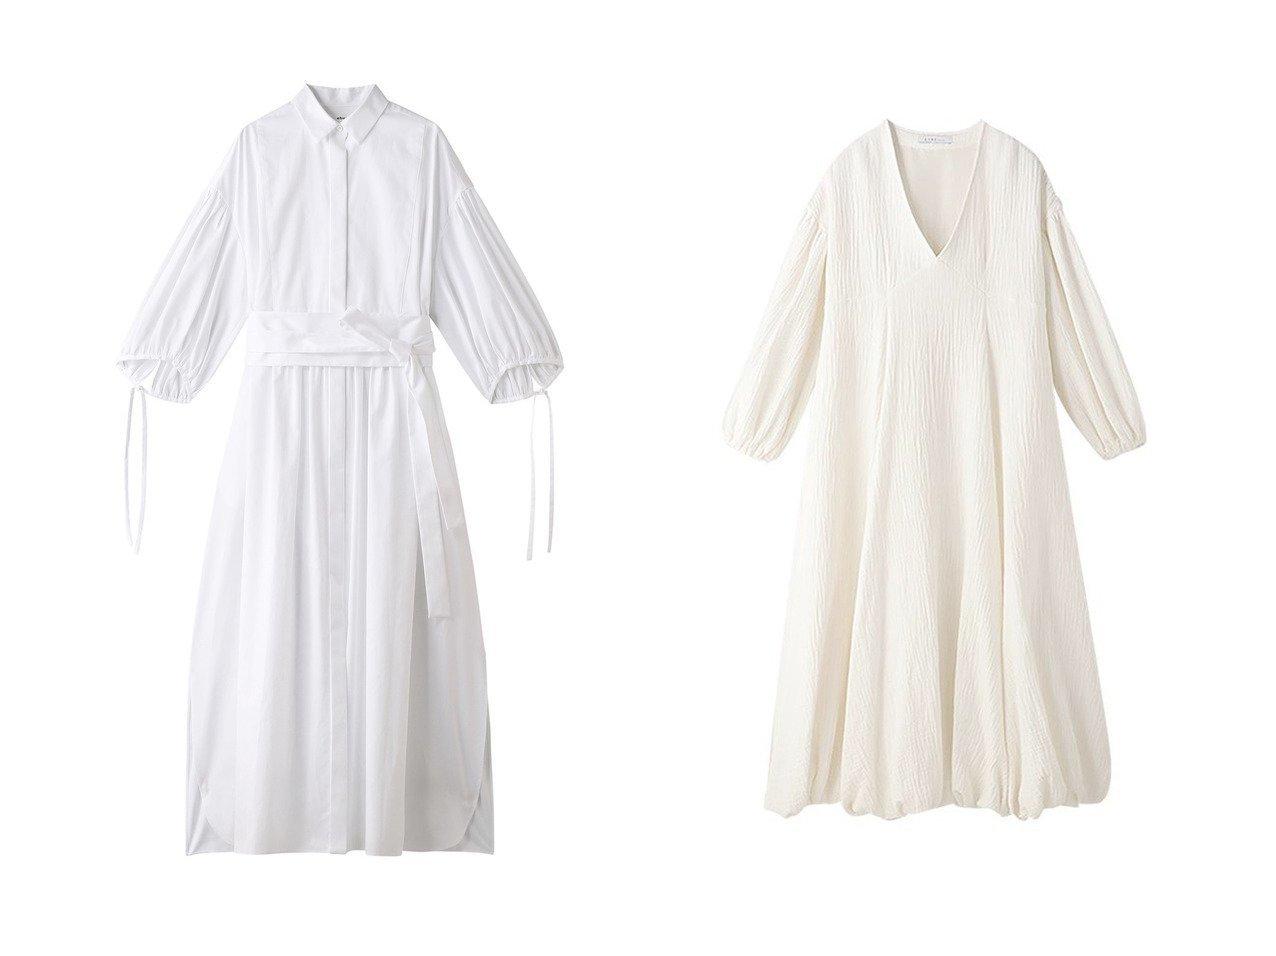 【ETRE TOKYO/エトレトウキョウ】のバルーンスリーブフレアワンピース&【ebure/エブール】のエッセンシャルコットン ウエストマークシャツワンピース ワンピース・ドレスのおすすめ!人気、トレンド・レディースファッションの通販  おすすめで人気の流行・トレンド、ファッションの通販商品 メンズファッション・キッズファッション・インテリア・家具・レディースファッション・服の通販 founy(ファニー) https://founy.com/ ファッション Fashion レディースファッション WOMEN ワンピース Dress シャツワンピース Shirt Dresses トレンド フォルム ロング 今季 バルーン フェミニン フレア |ID:crp329100000010073